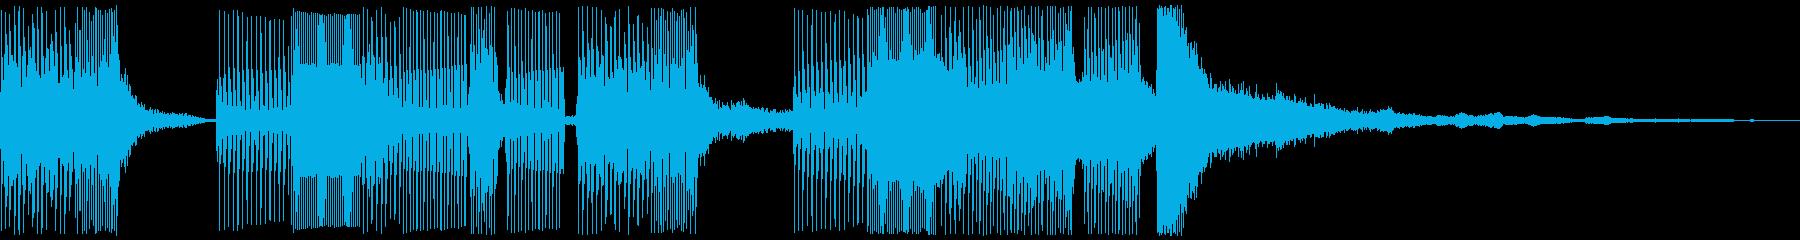 イージーリスニング ライフスタイルの再生済みの波形